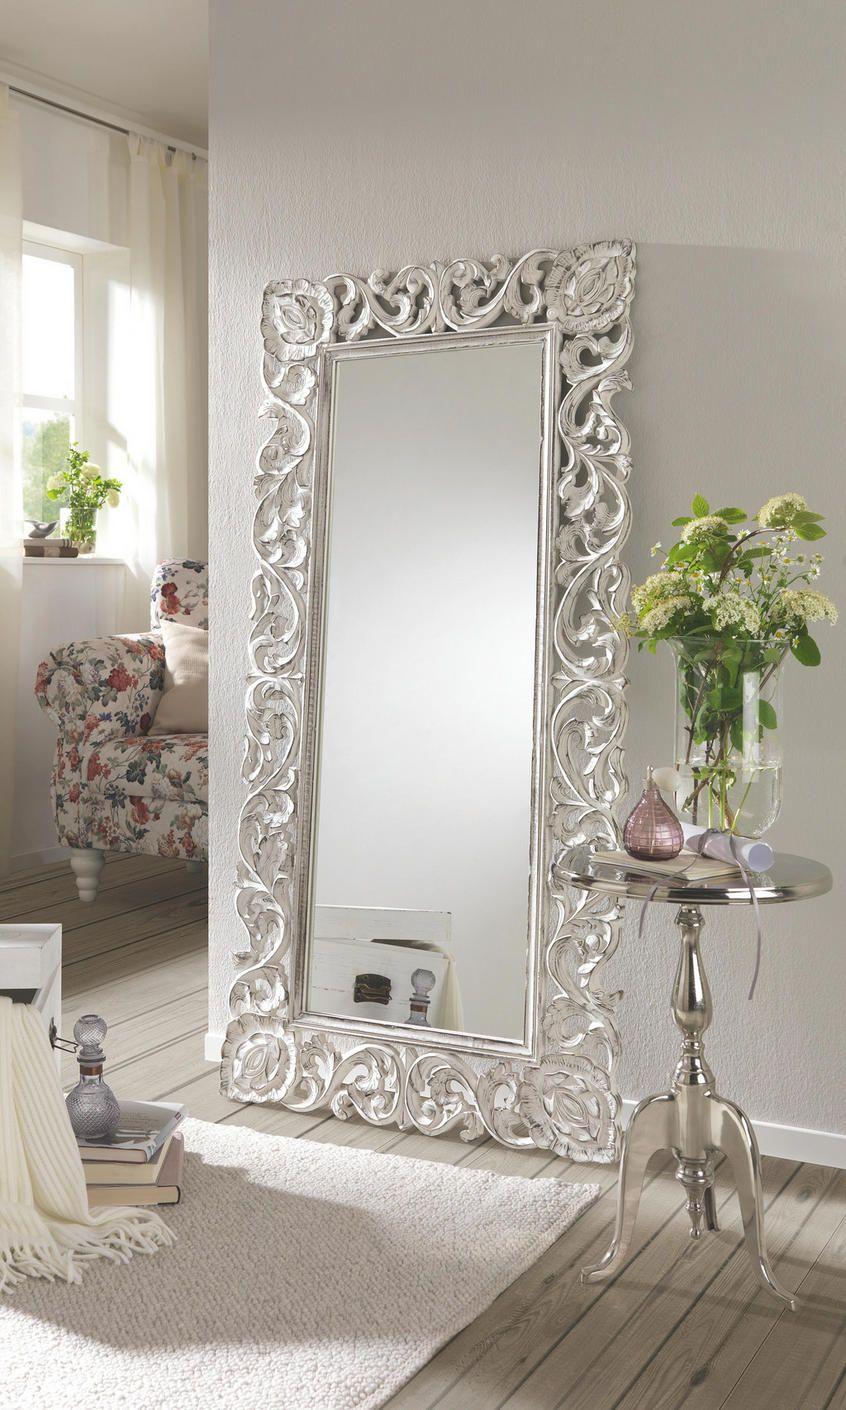 Großer Spiegel mit Metallrahmen  Wohnzimmer spiegel, Wandspiegel